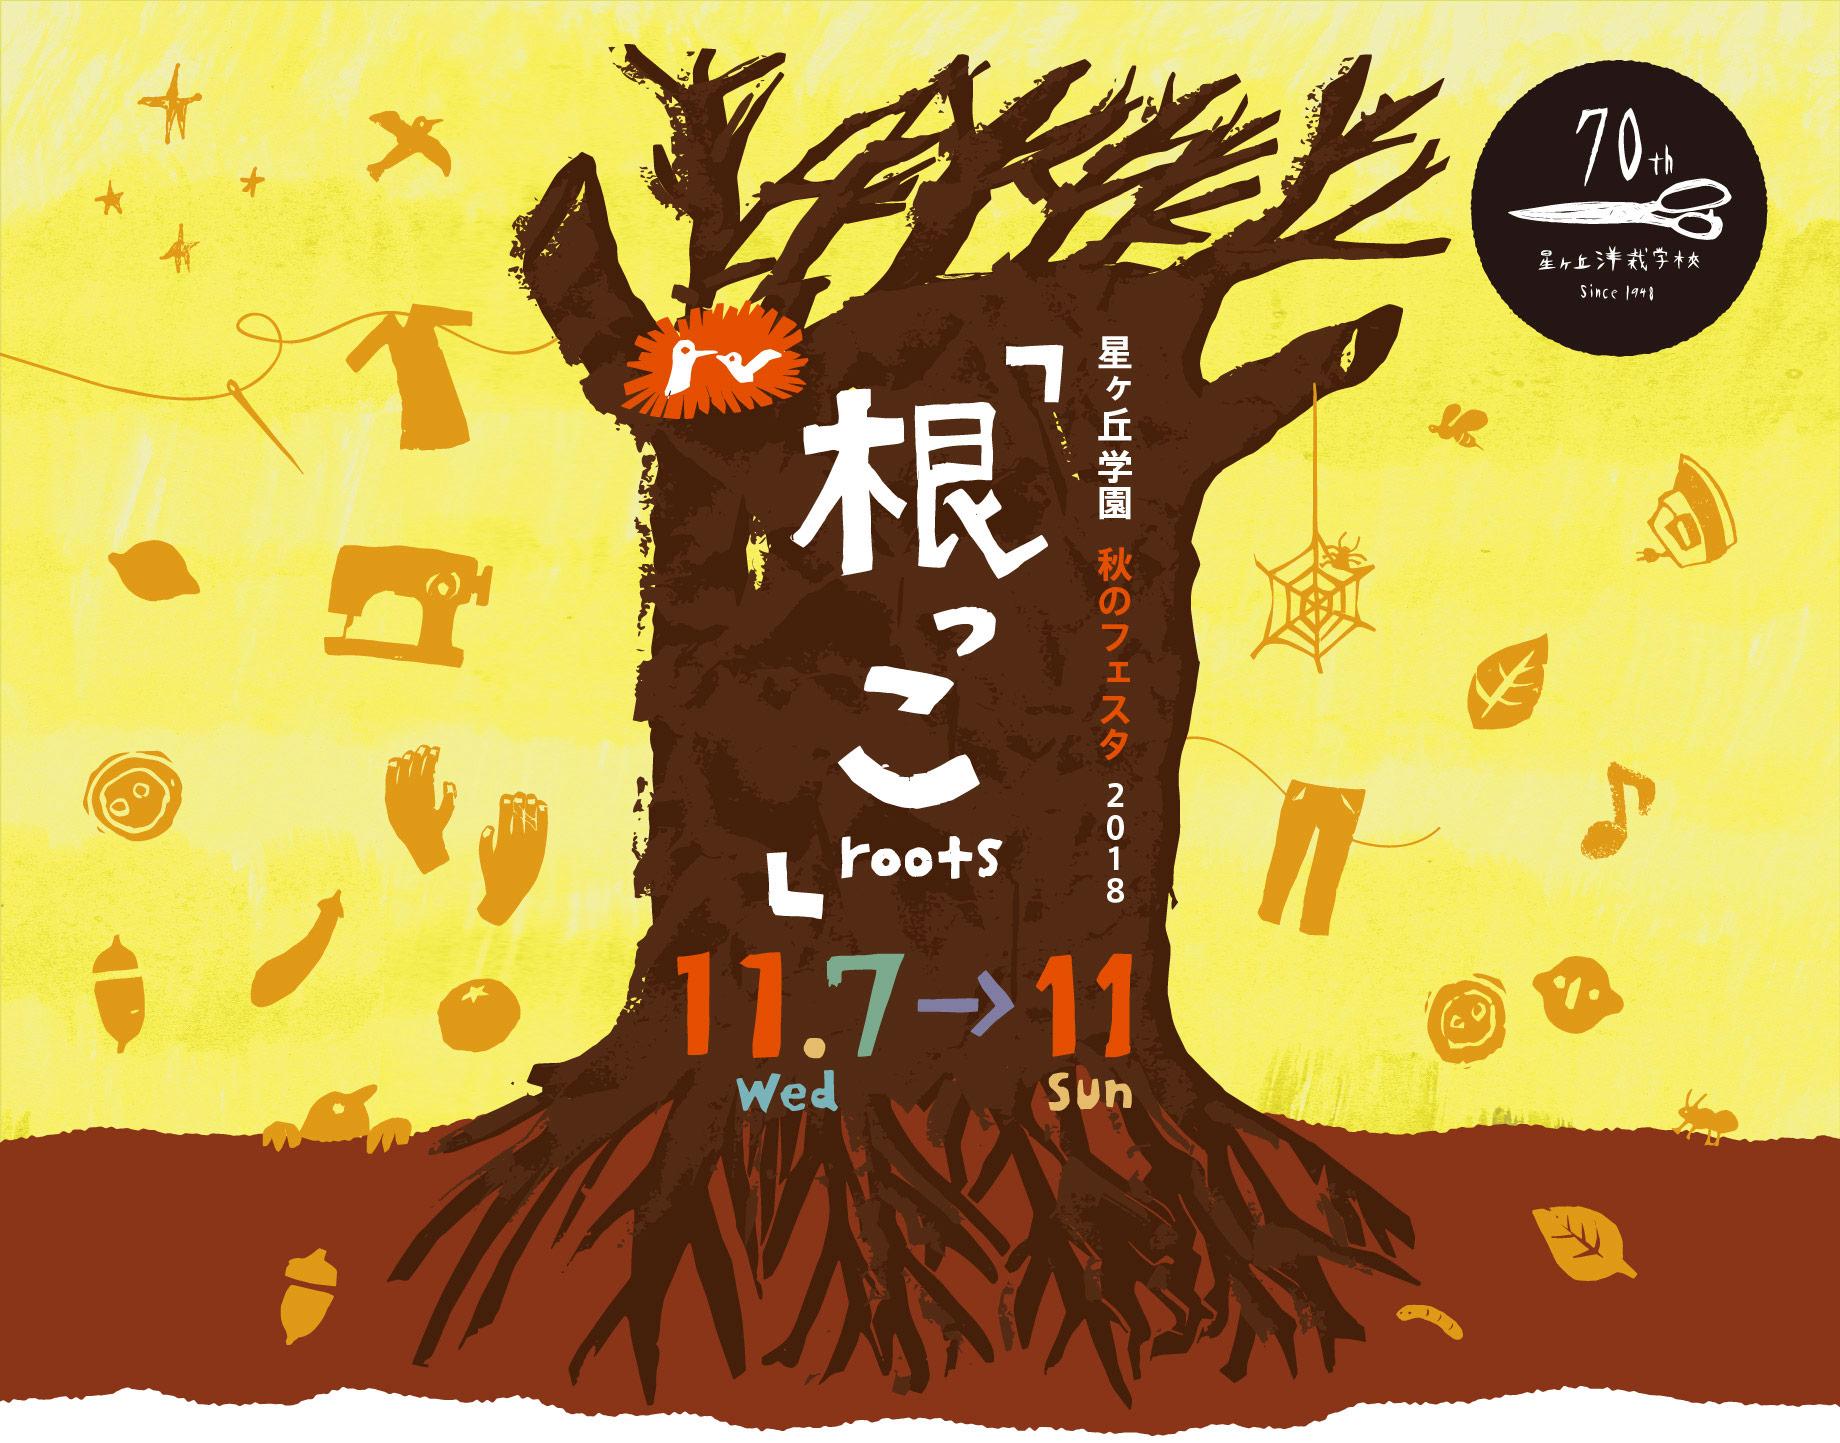 星ヶ丘学園 秋のフェスタ2018 根っこ 〜roots〜